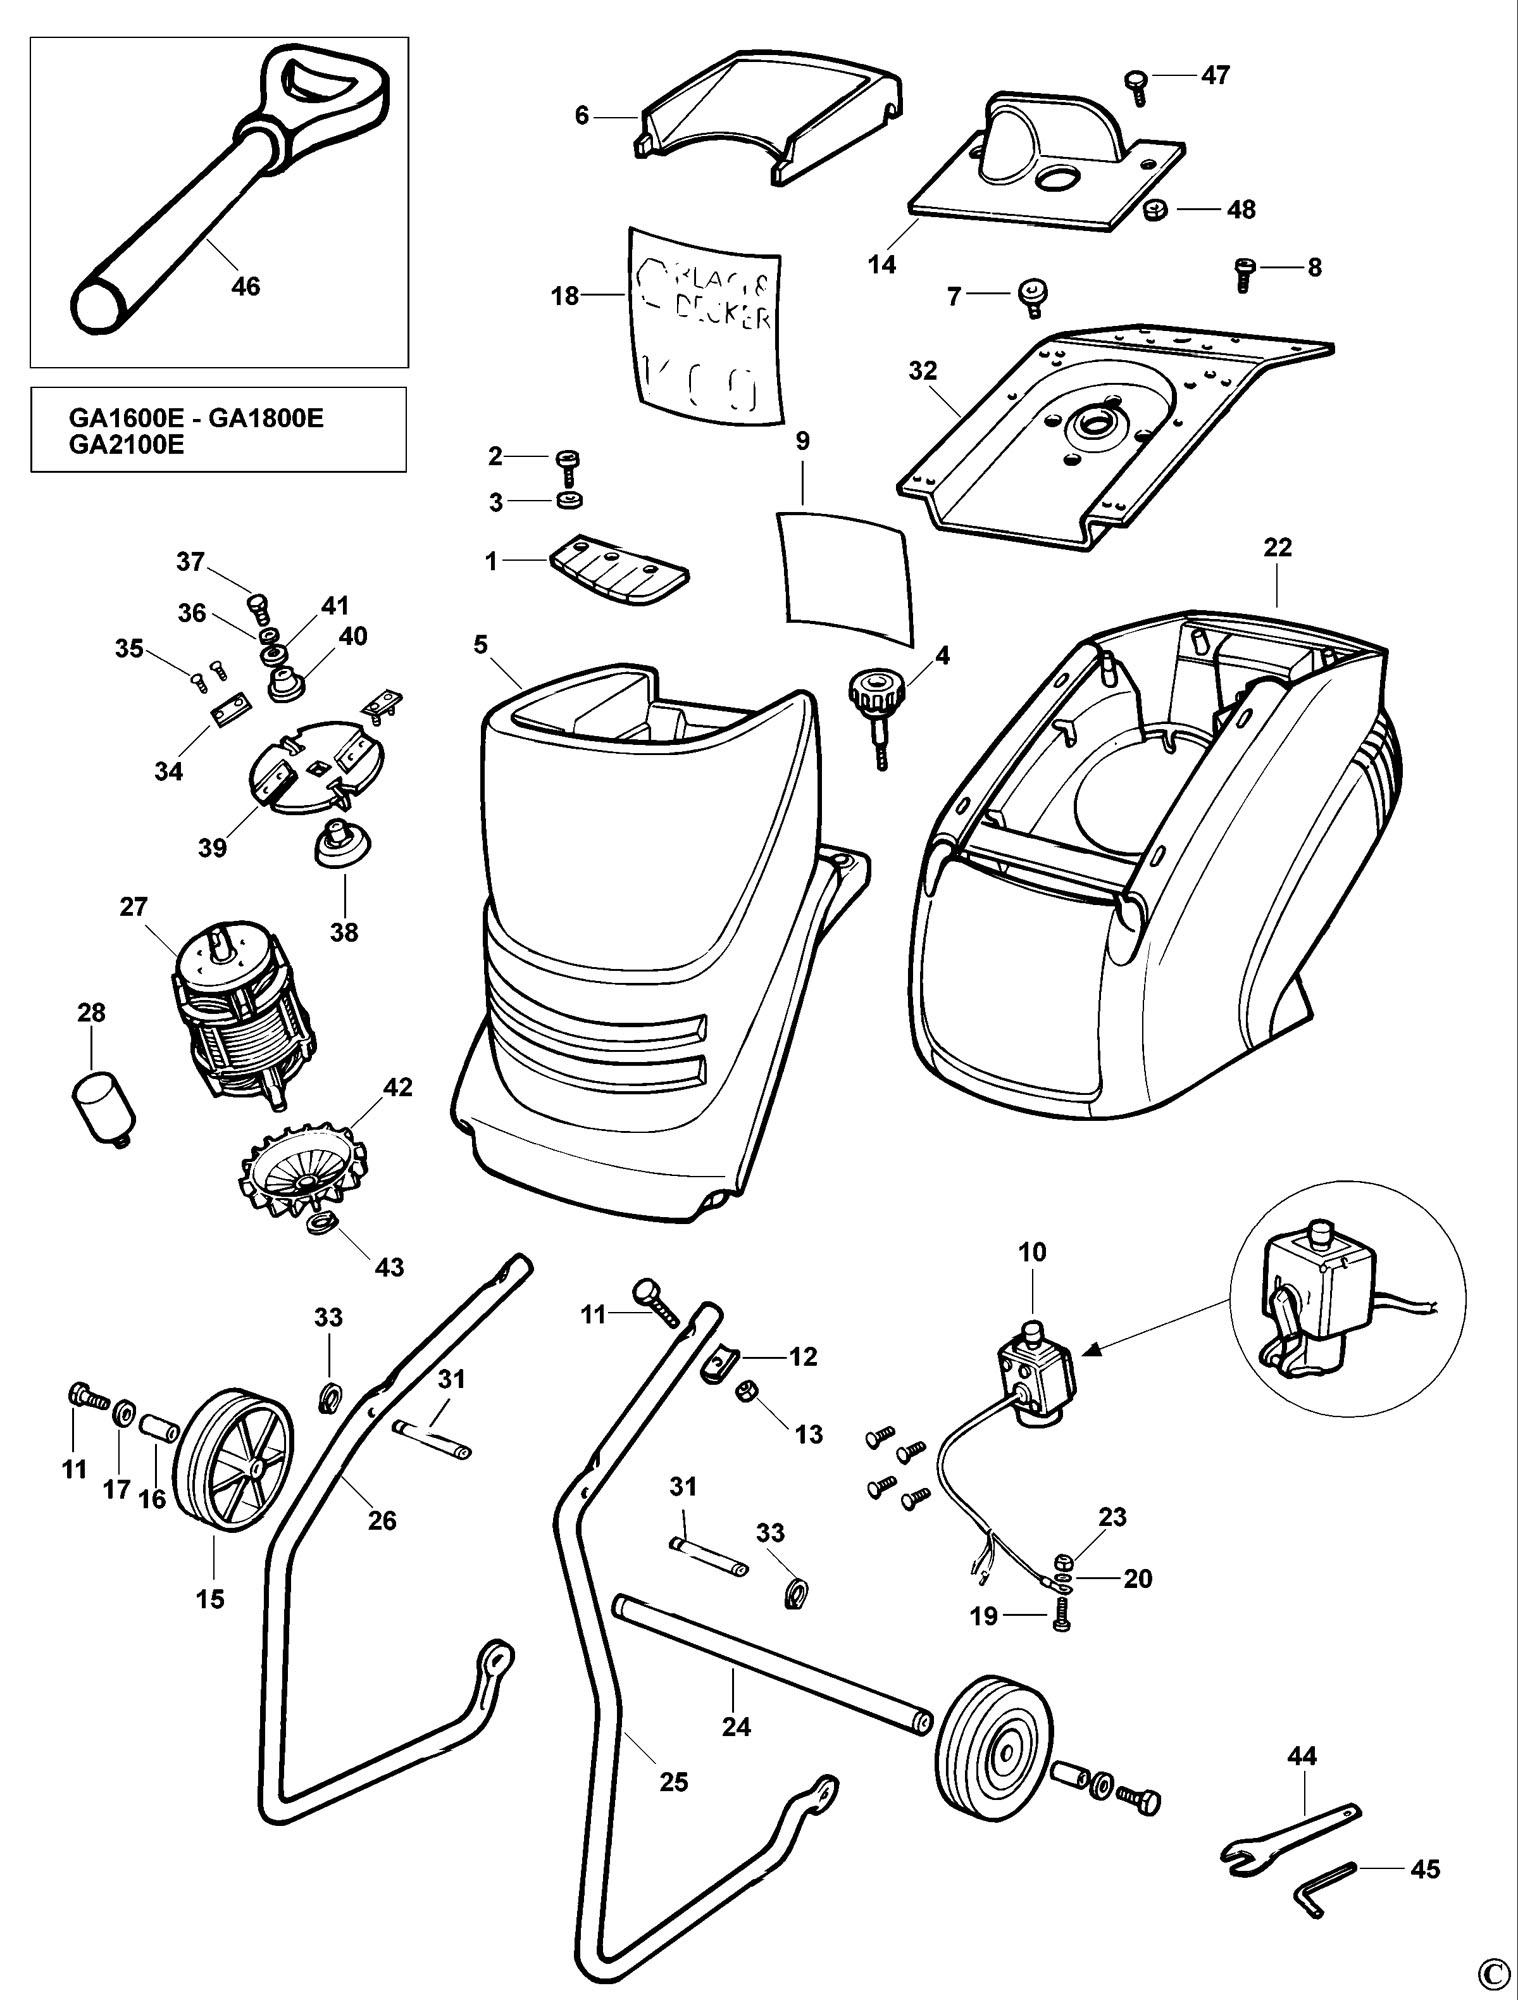 Spares For Black Amp Decker Ga E Shredder Type 1 Spare Ga E Type 1 From Power Tool Centre